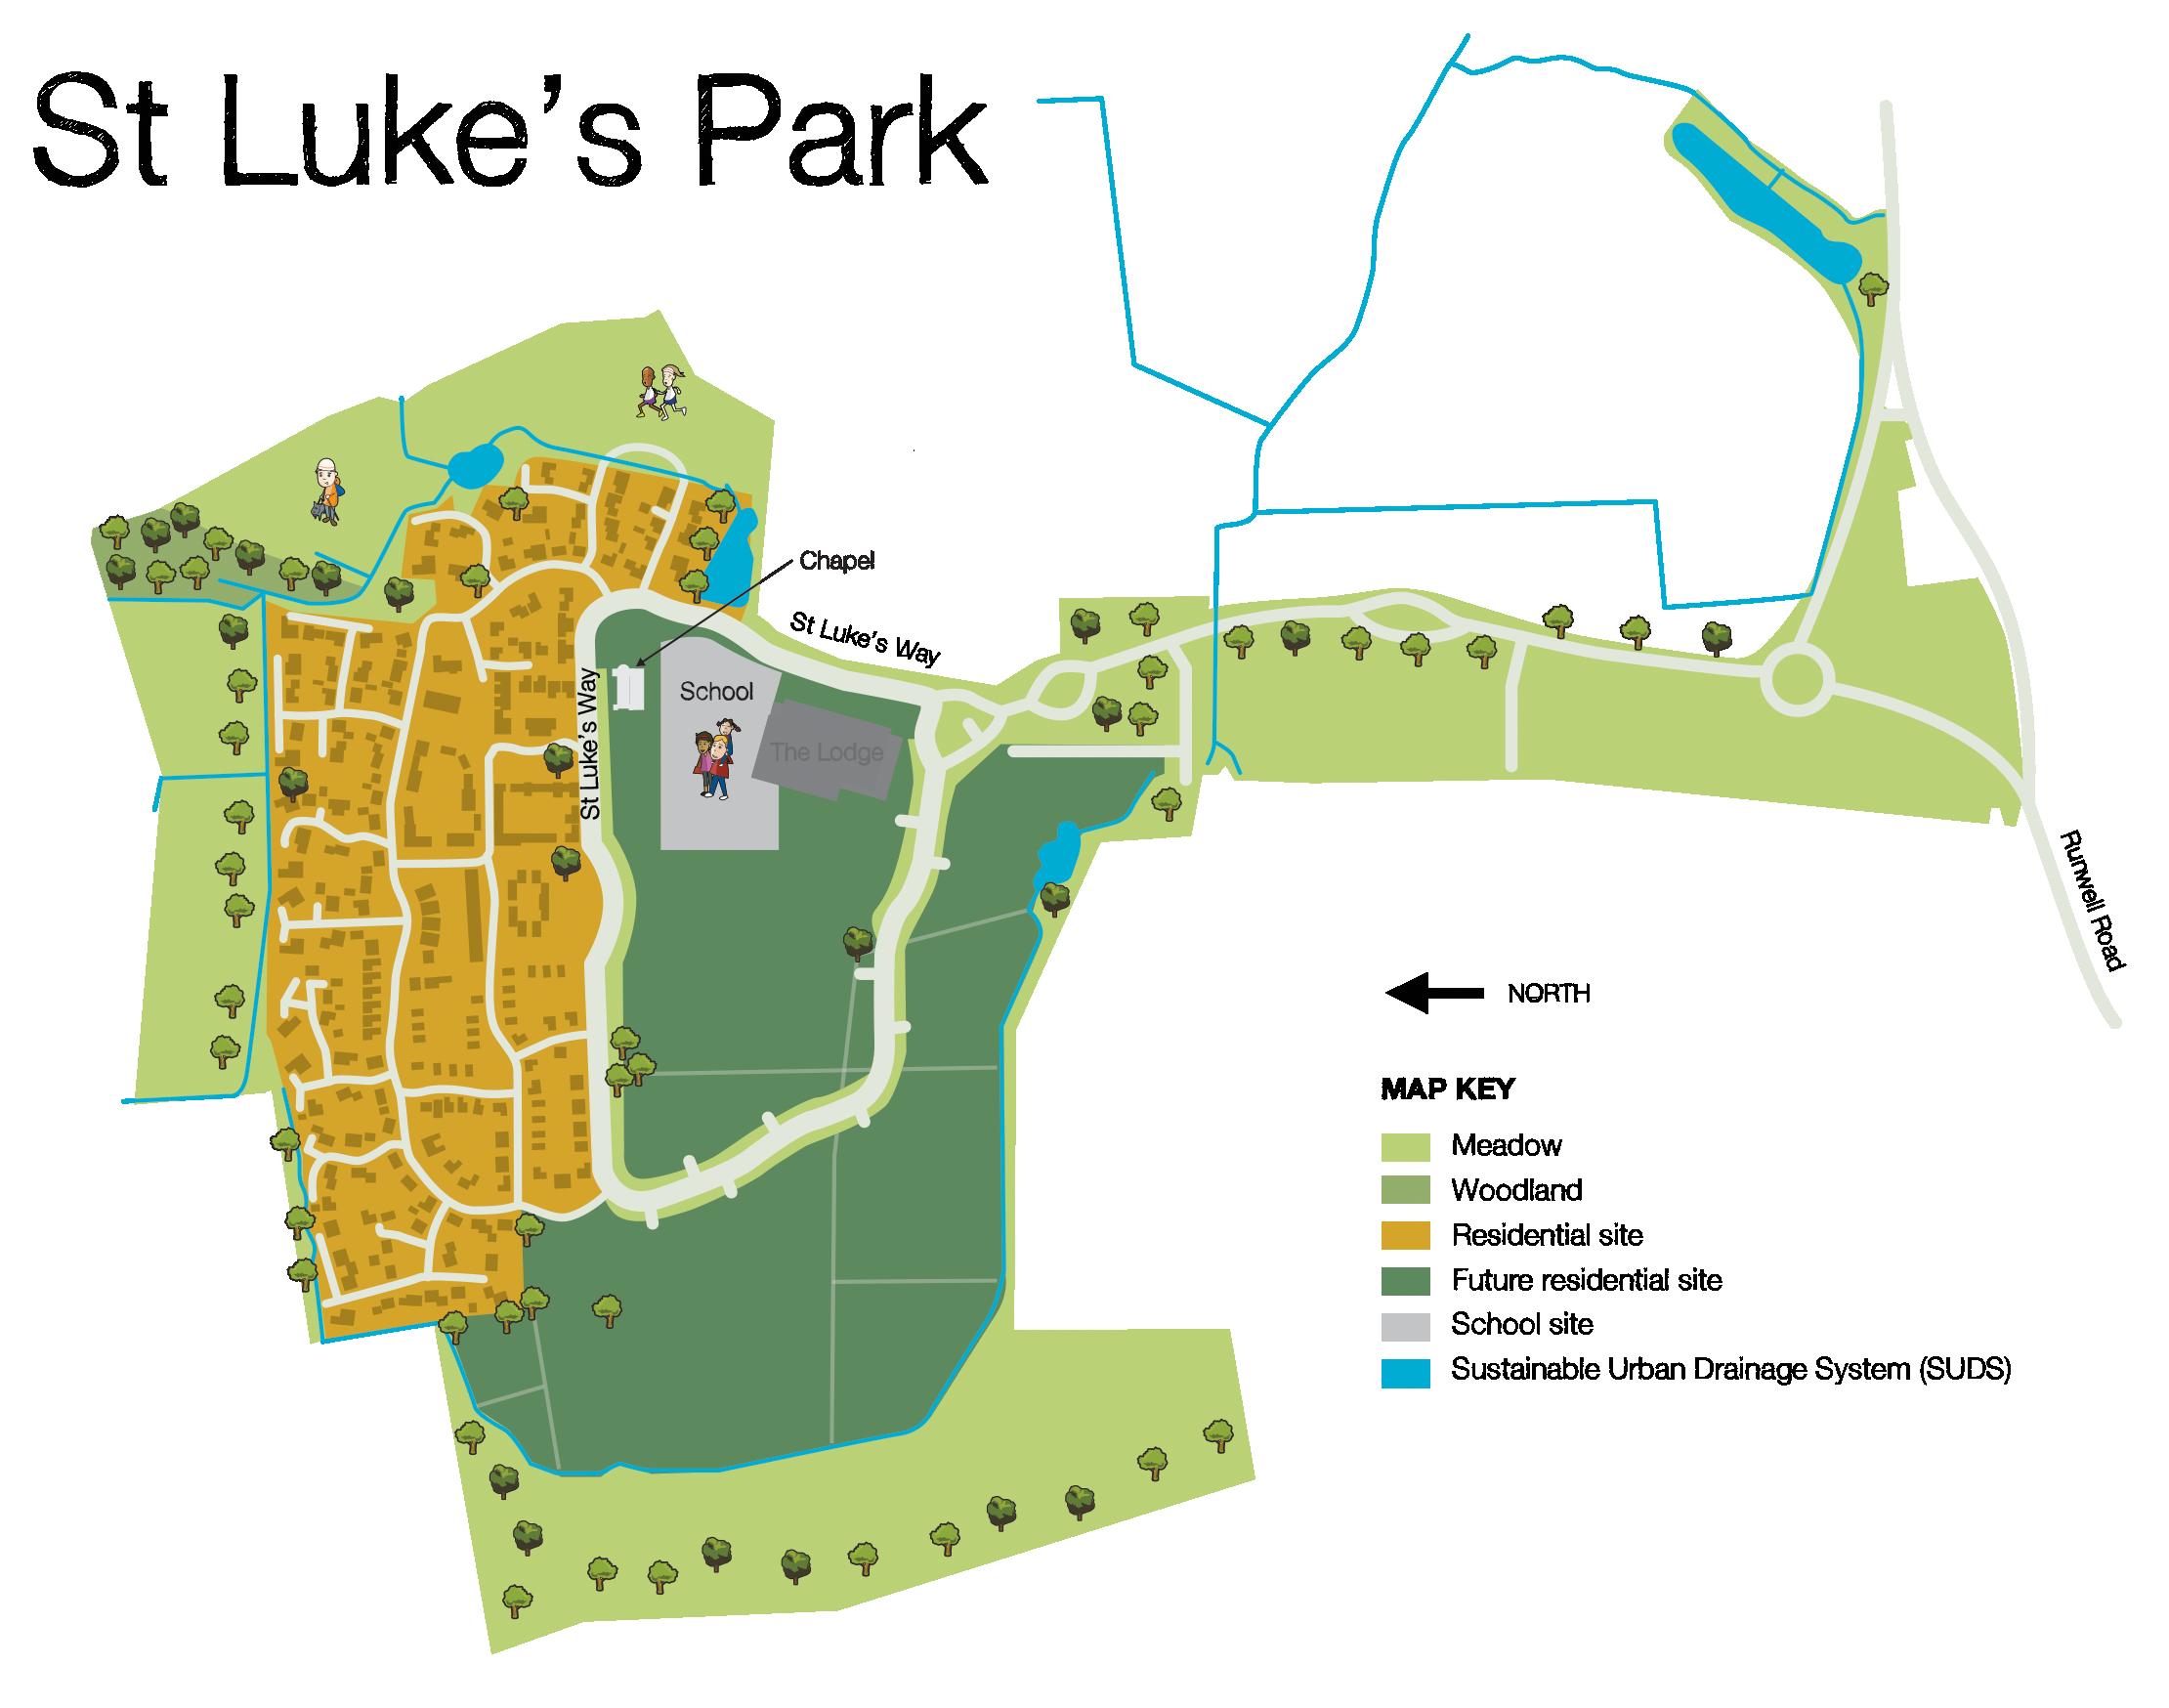 St Luke's Park map